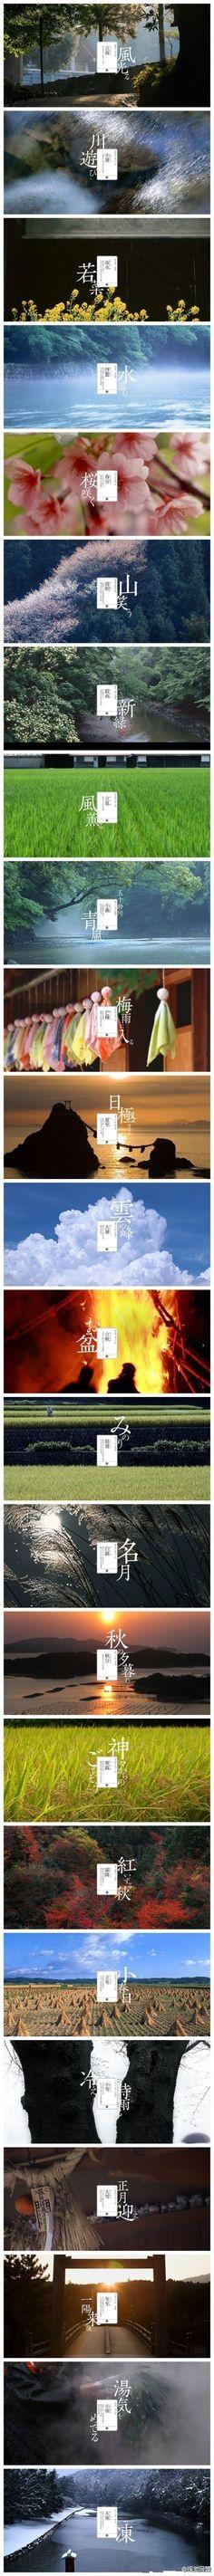 美到窒息的日本二十四节气摄影图,走进日本传统之美!